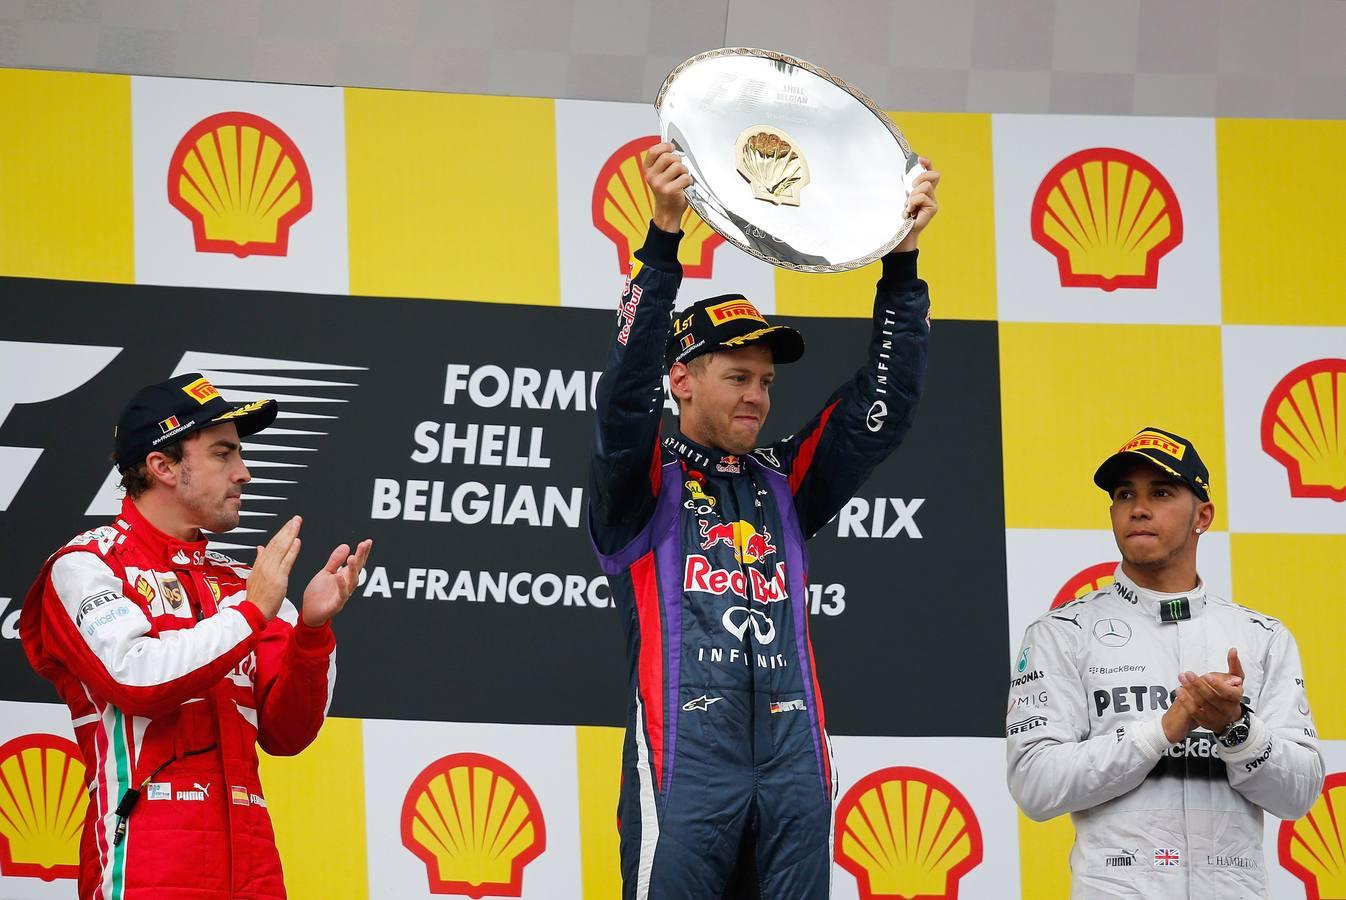 Vettel gana por aplastamiento en Spa